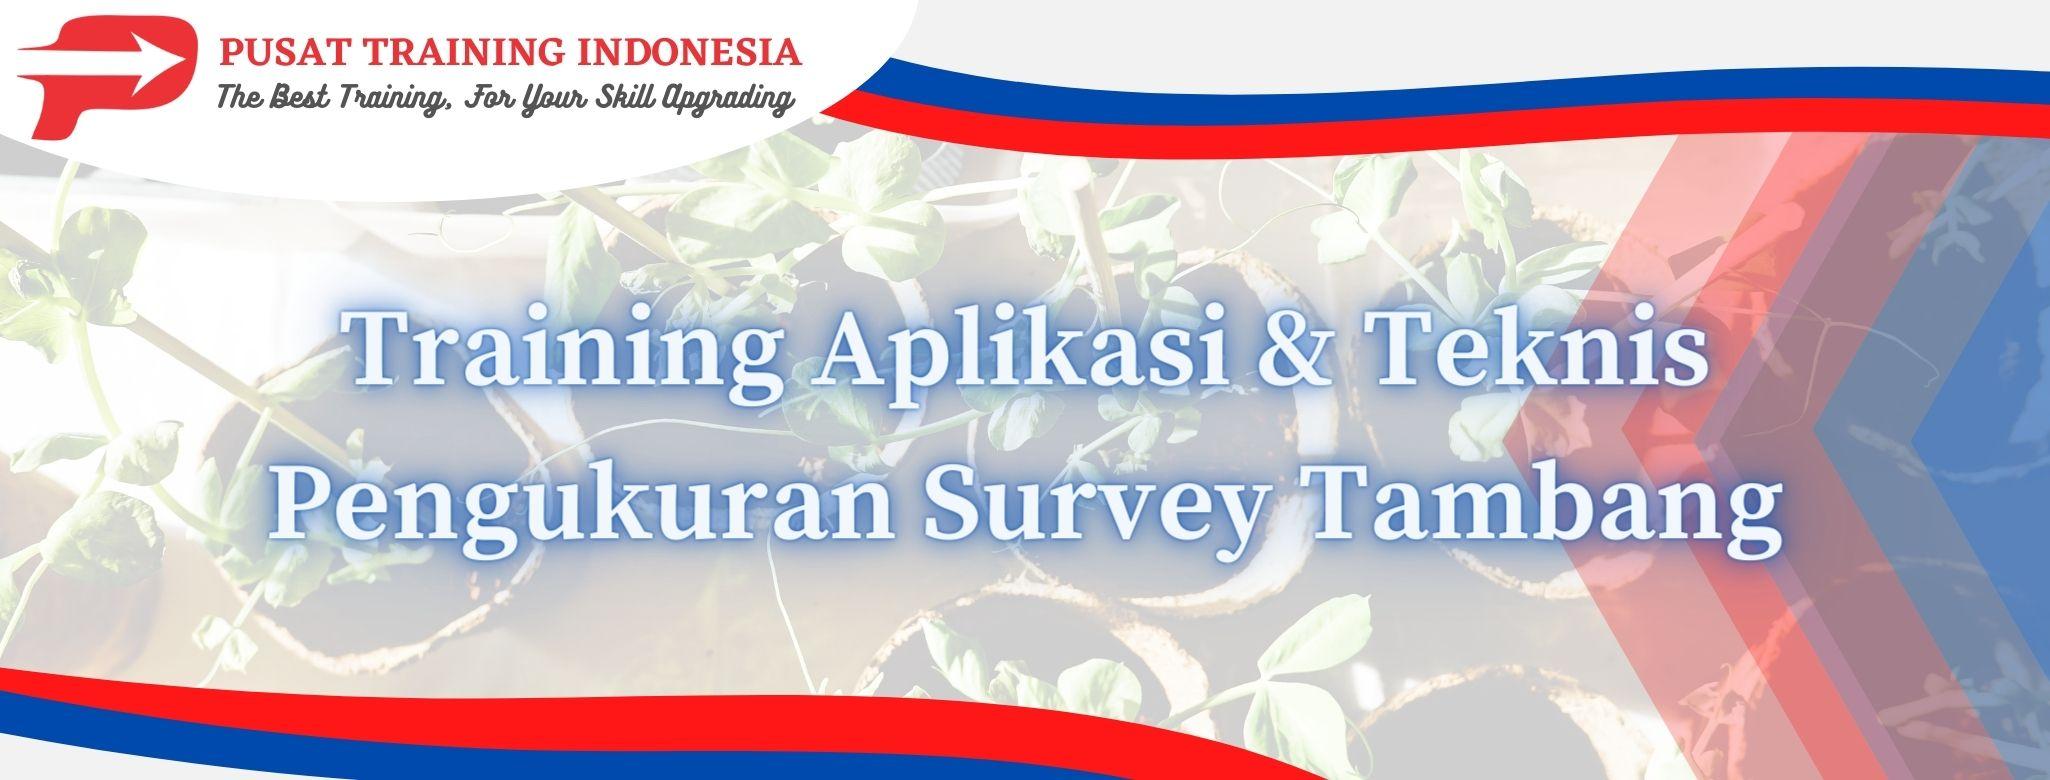 Training-Aplikasi-Teknis-Pengukuran-Survey-Tambang